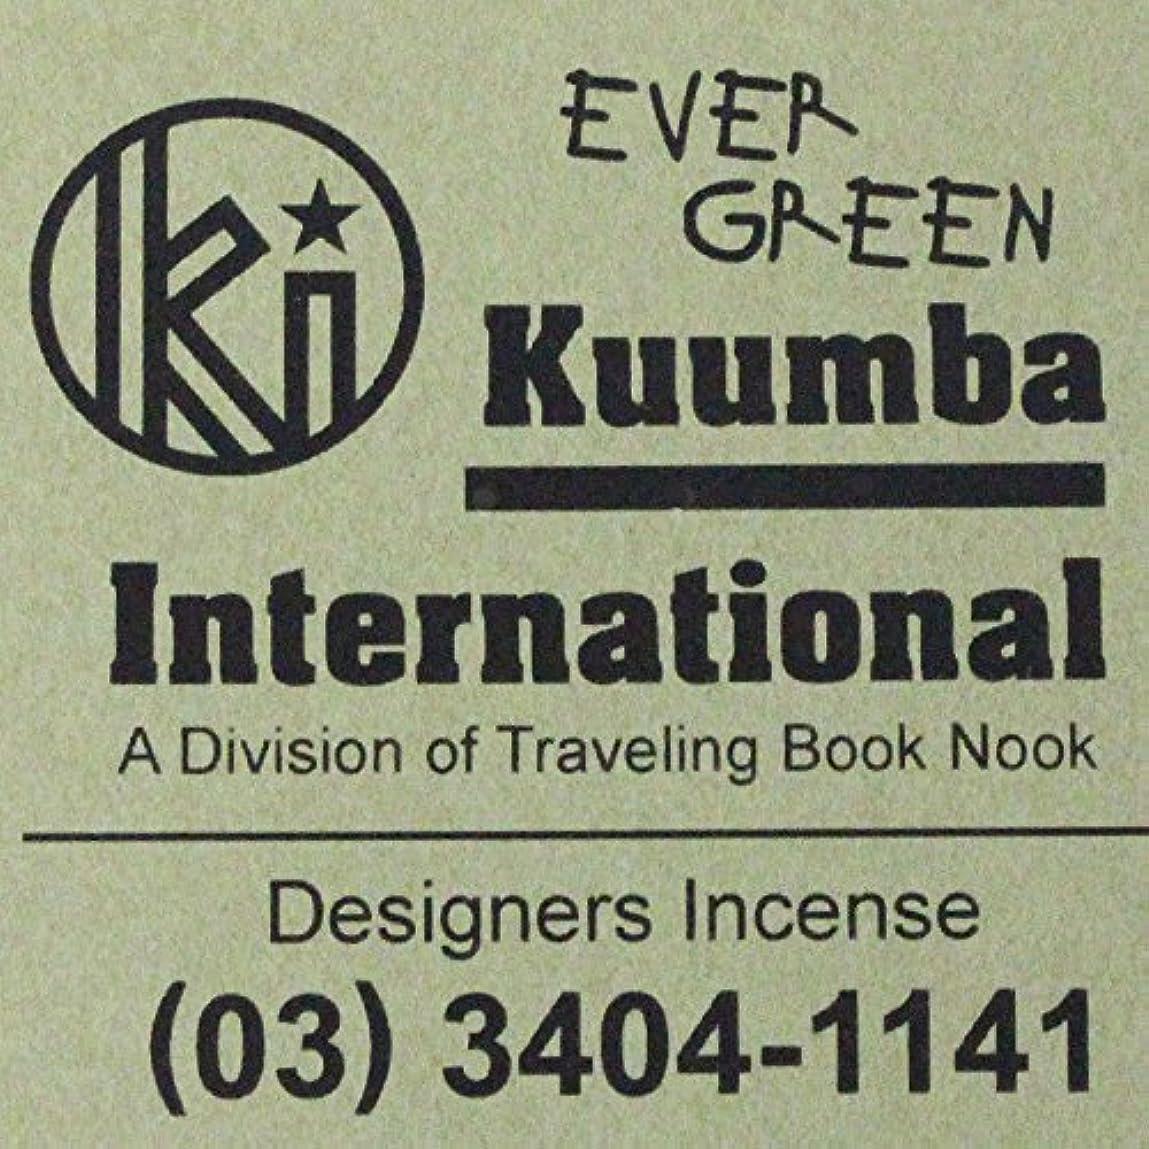 従うヒゲクジラ佐賀(クンバ) KUUMBA『incense』(EVER GREEN) (Regular size)